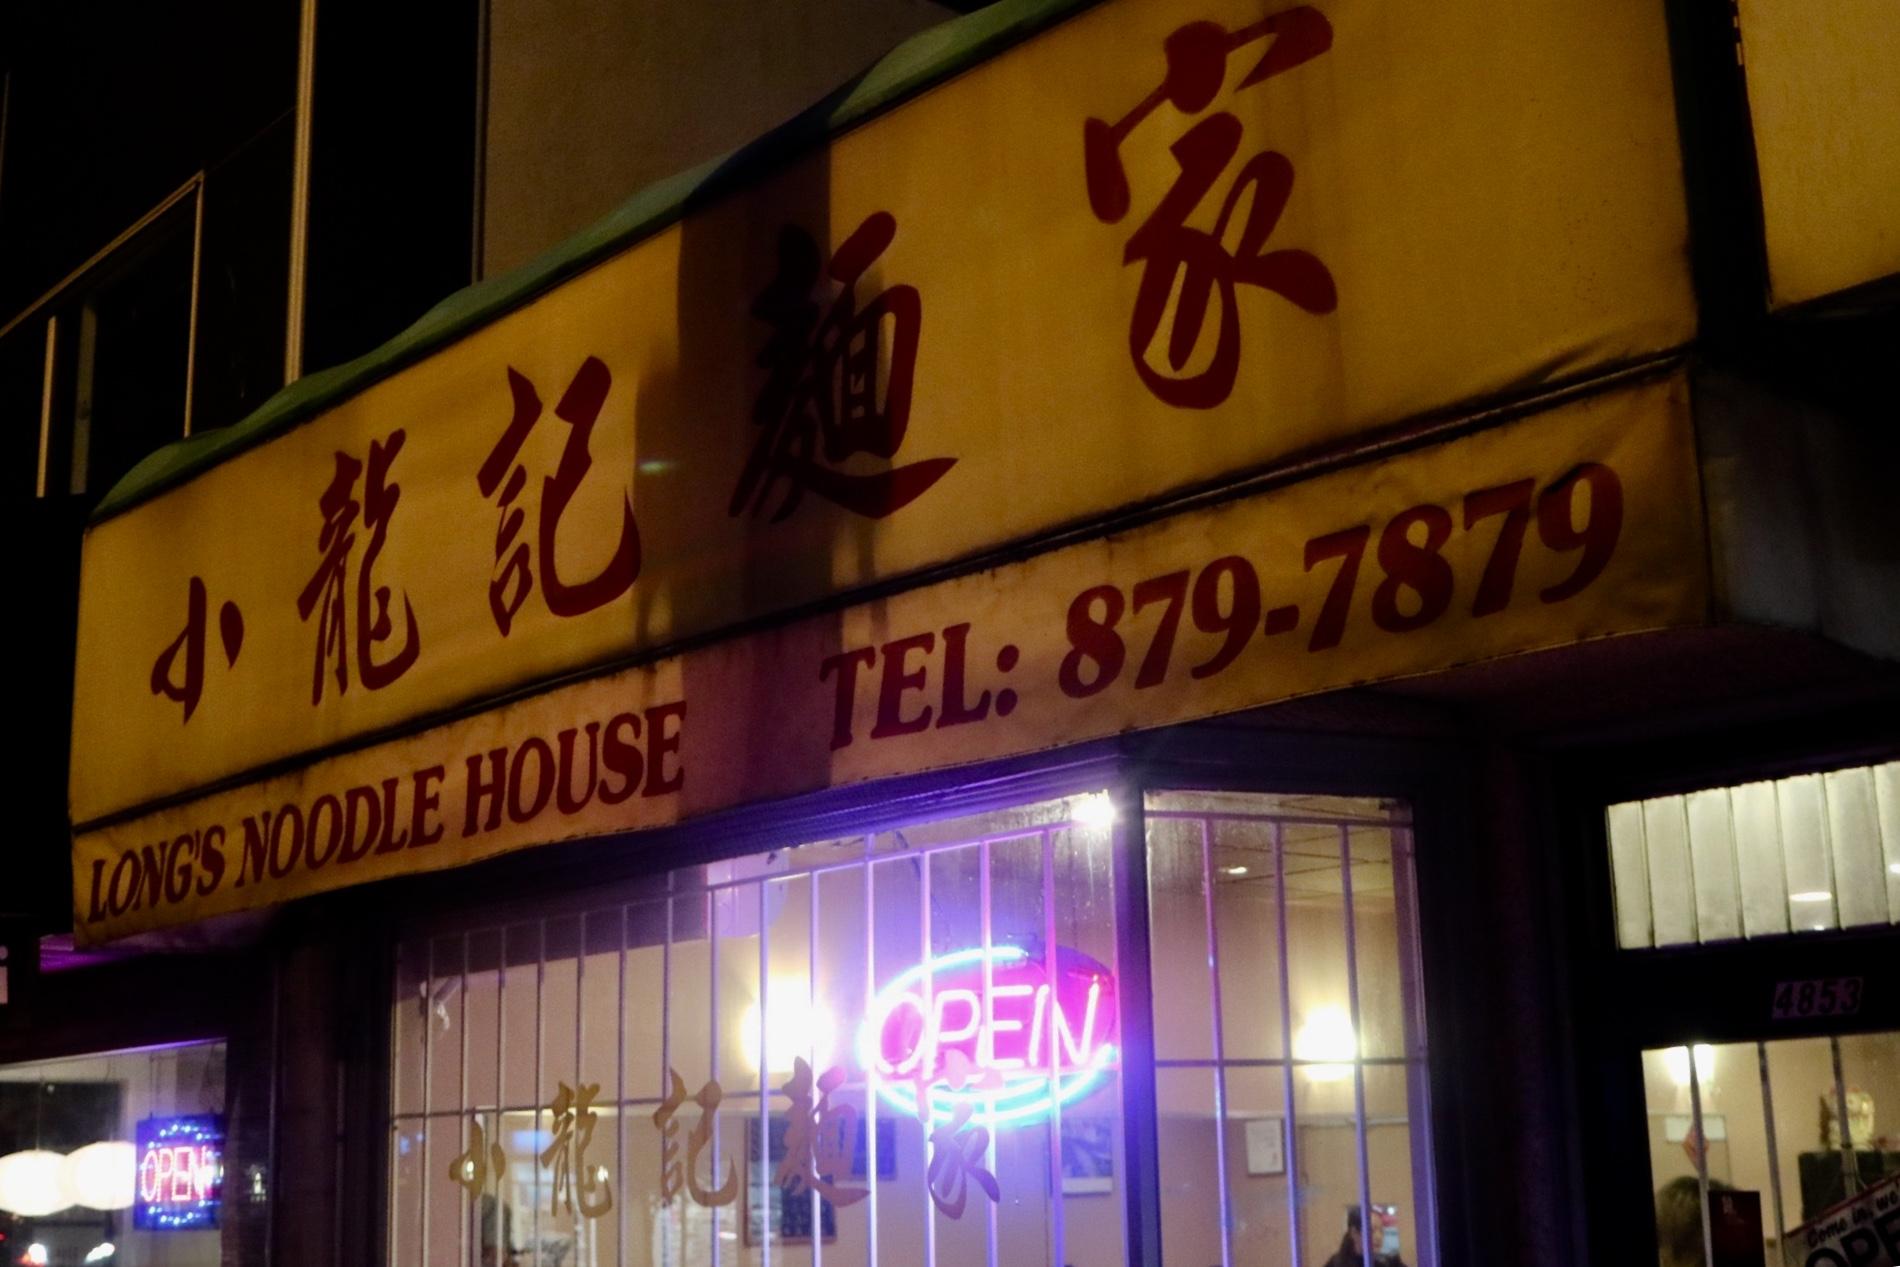 long's noodle house